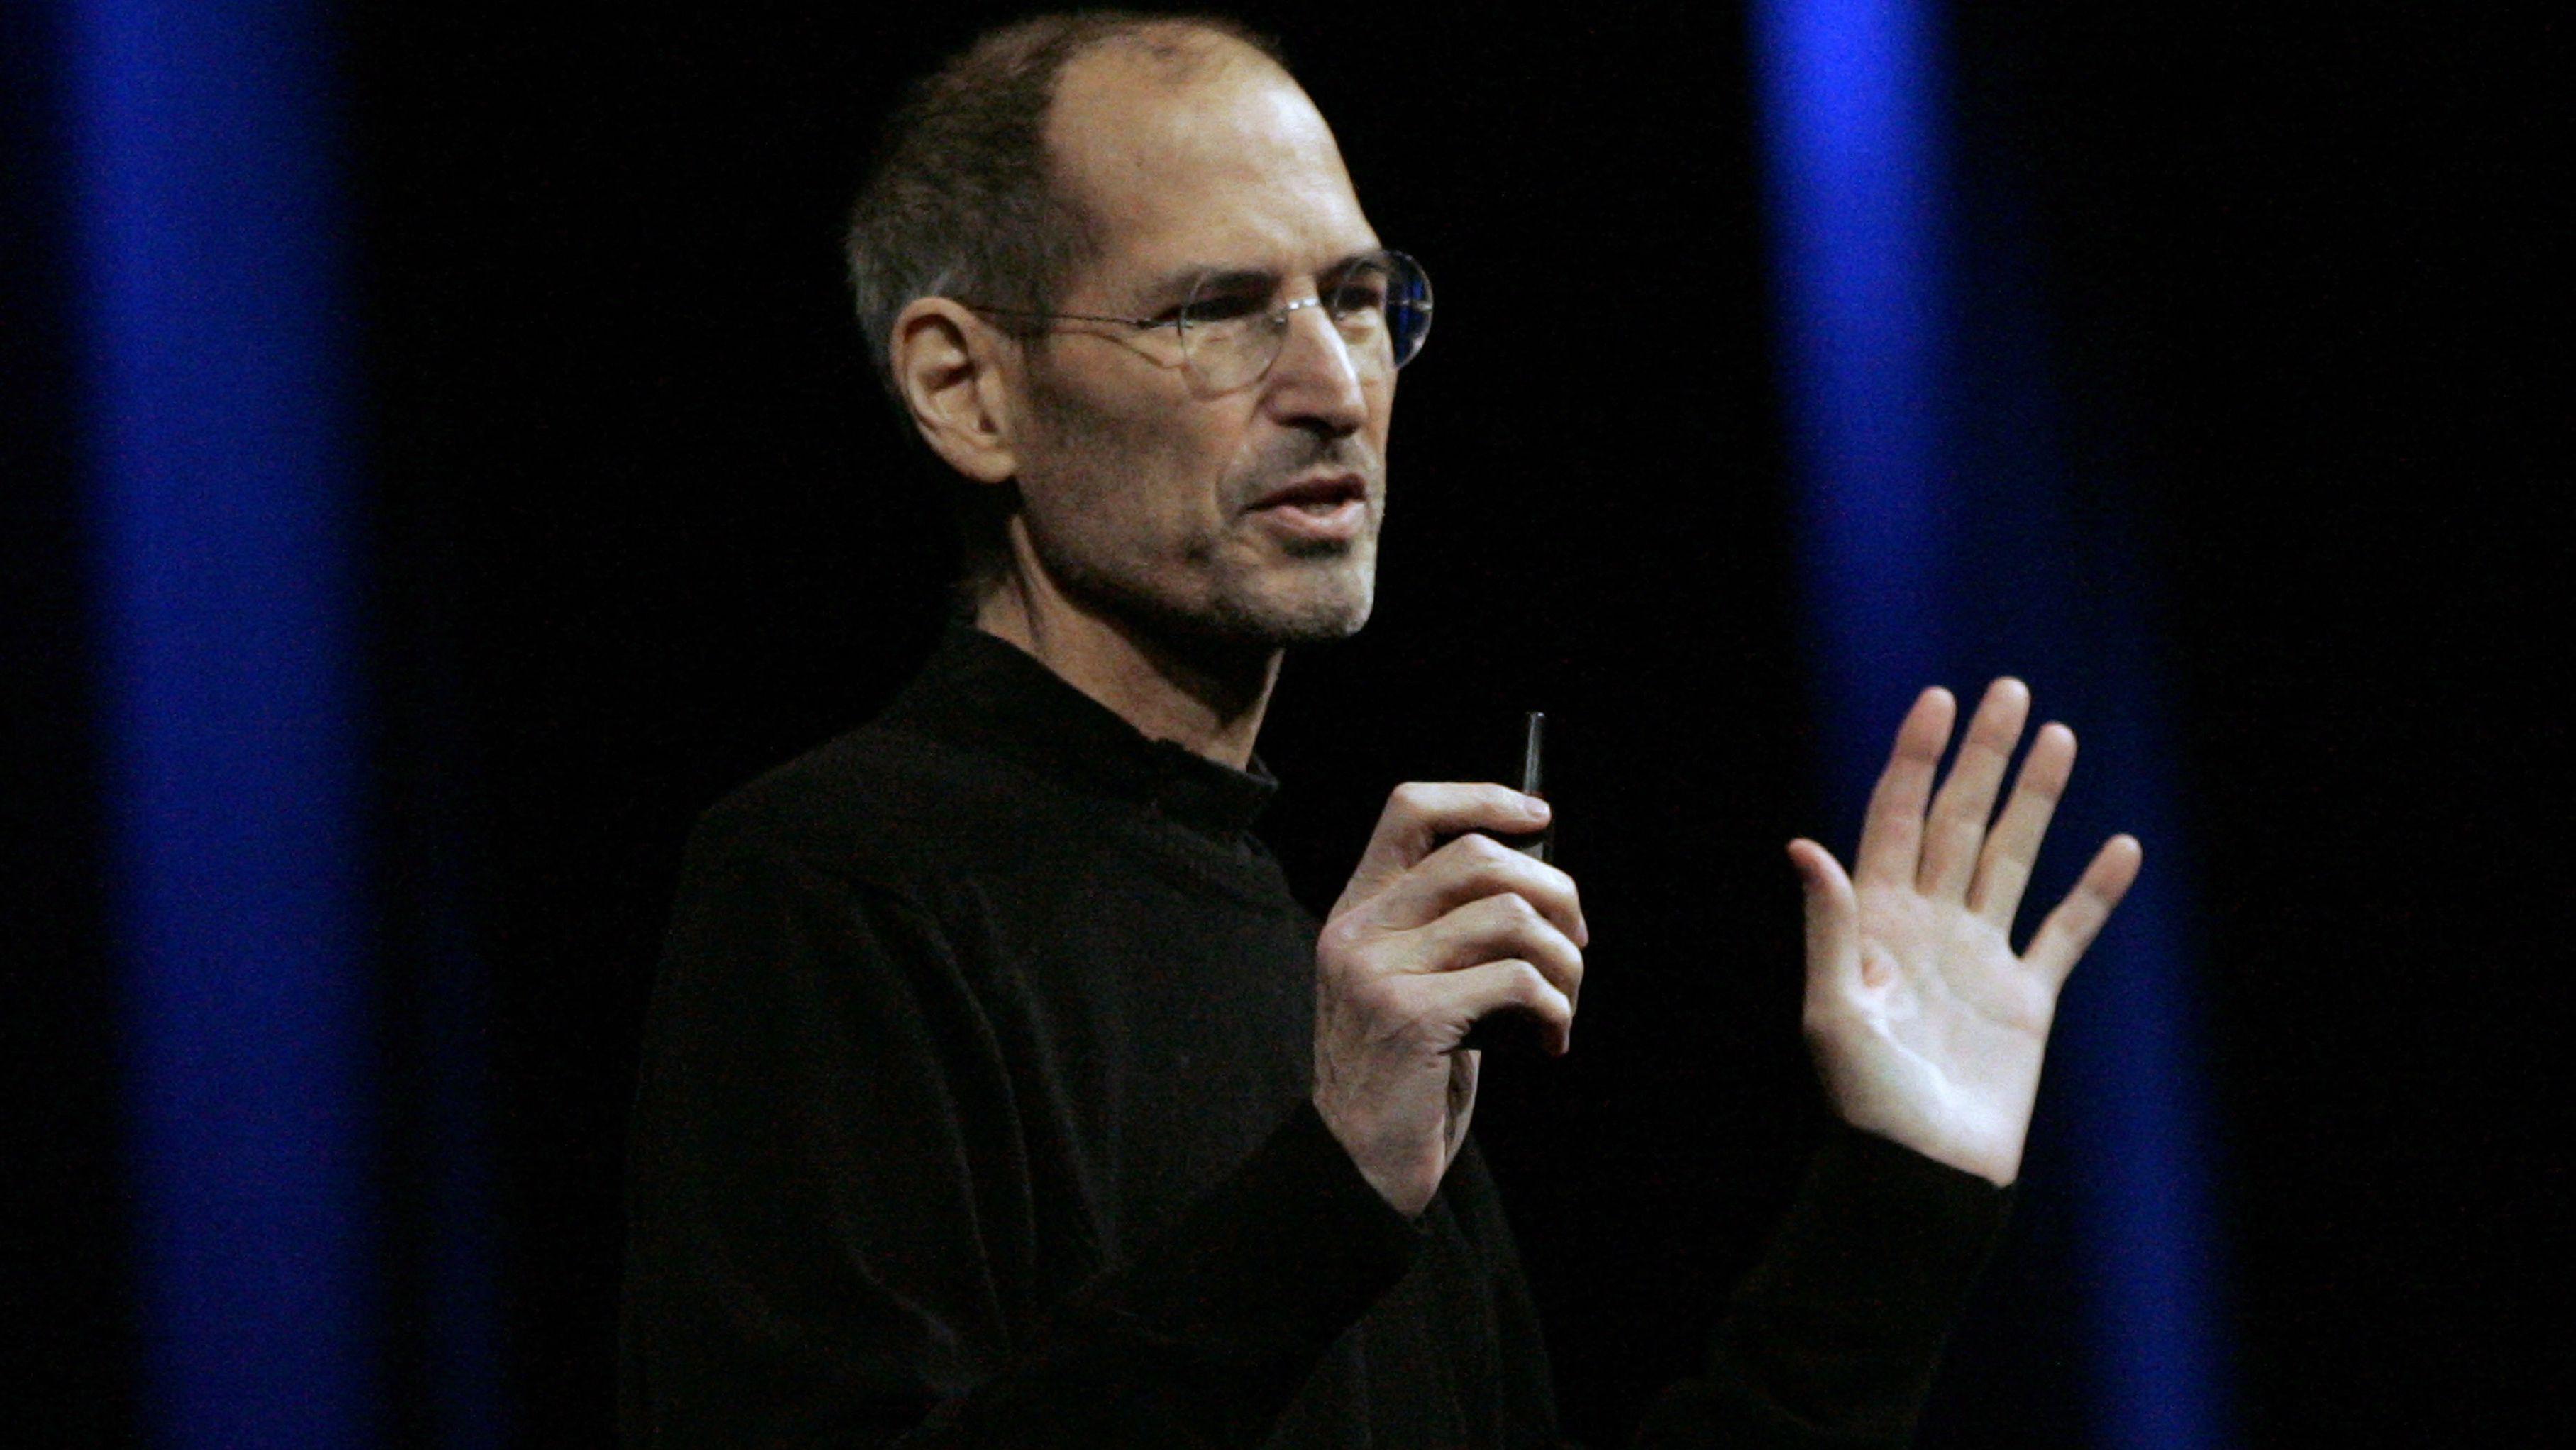 Steve Jobs: Der verstorbene Apple-Gründer sprach im TED Talk u.a. über den Sinn der Existenz des Todes für das Leben.